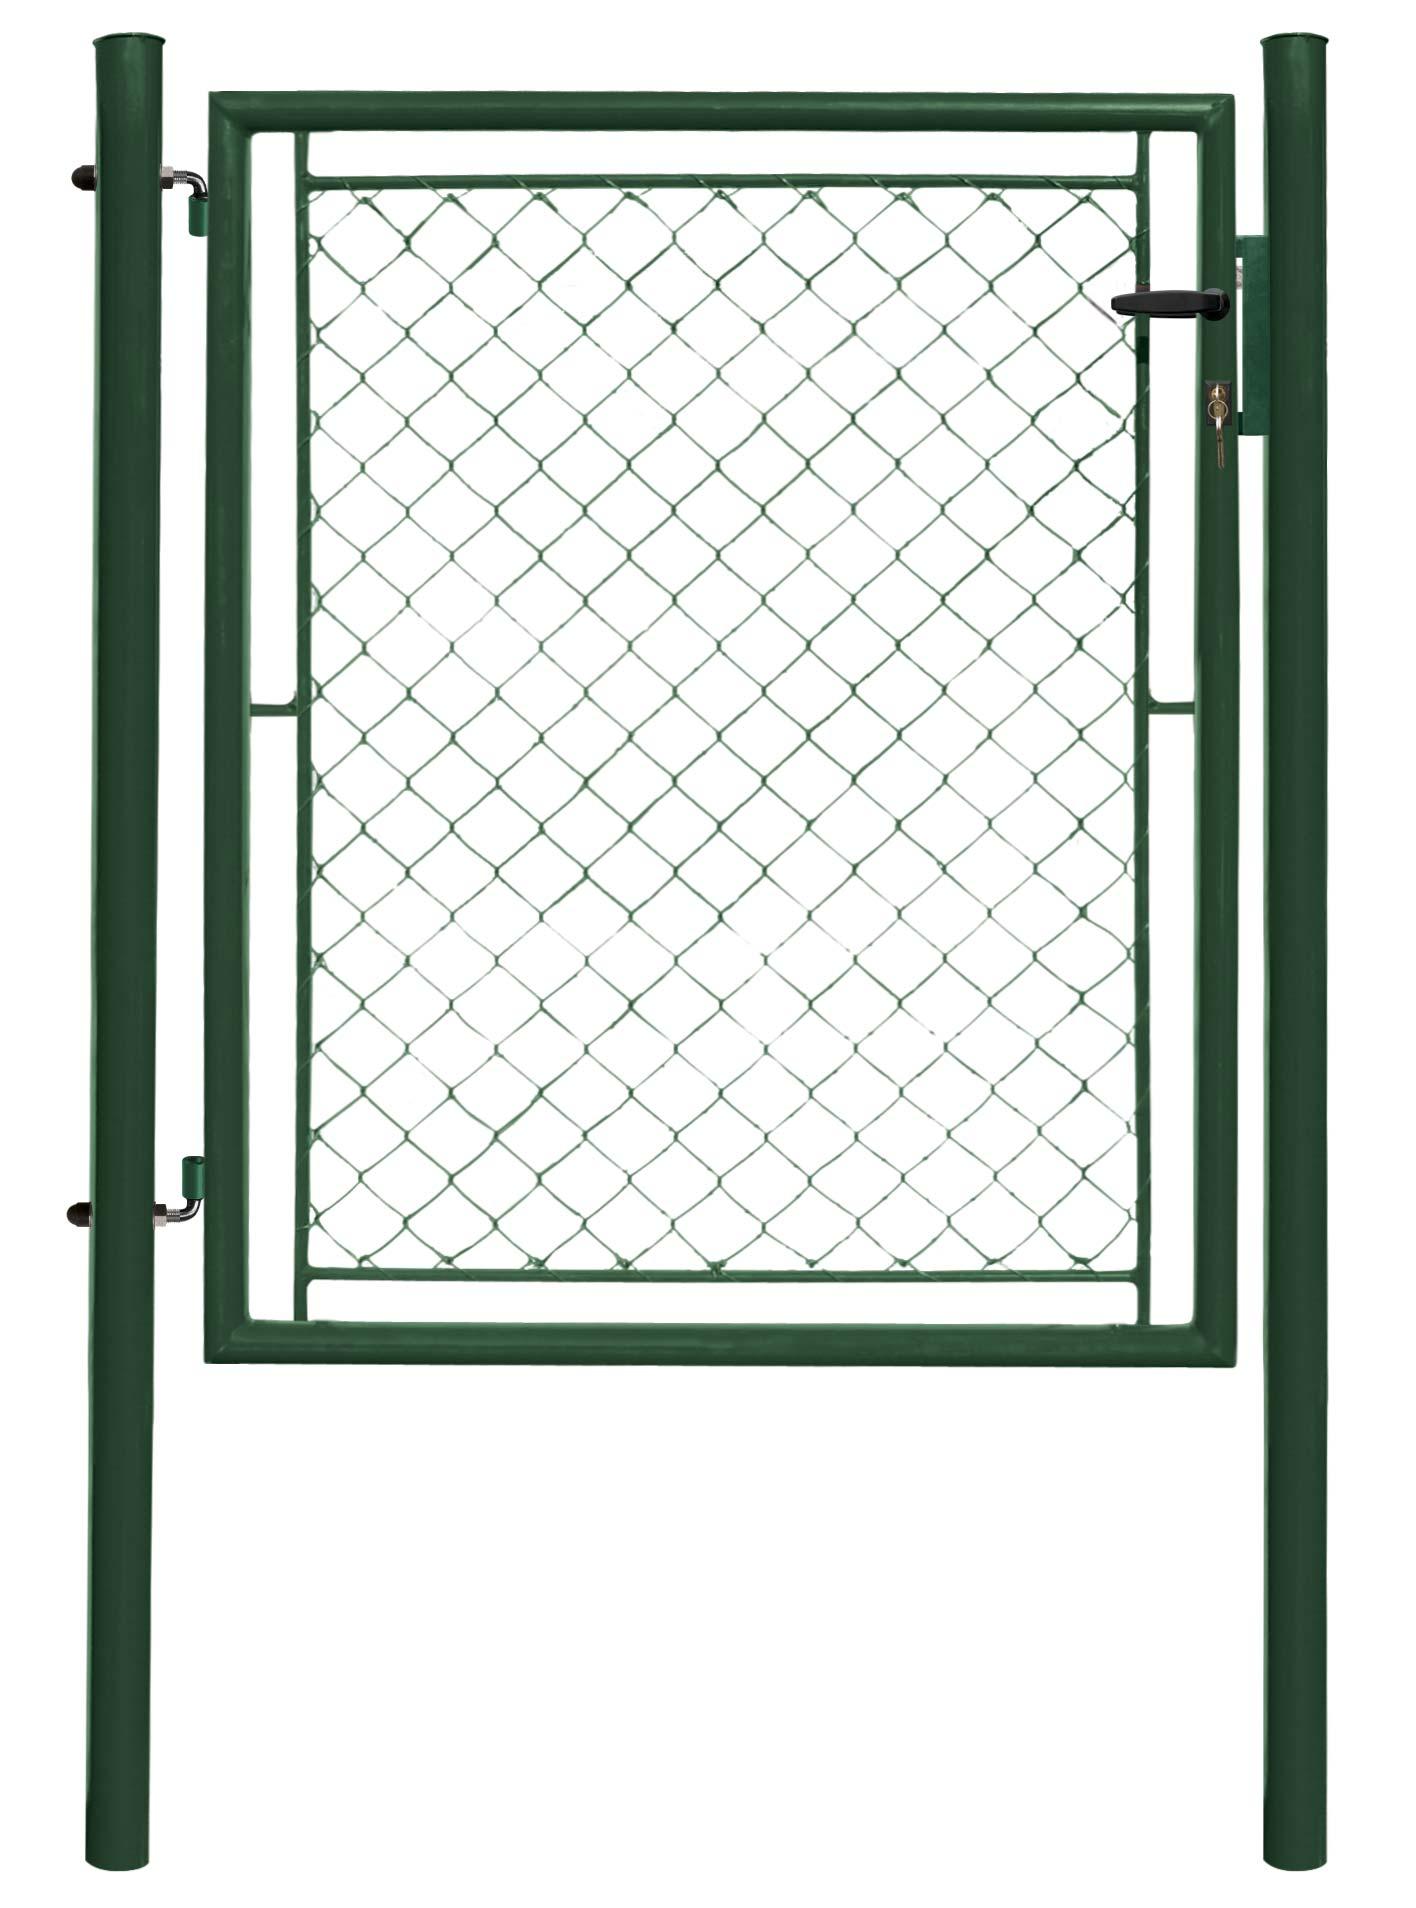 Branka IDEAL jednokřídlá 1085x1550,Zn+PVC, zelená 20Kg